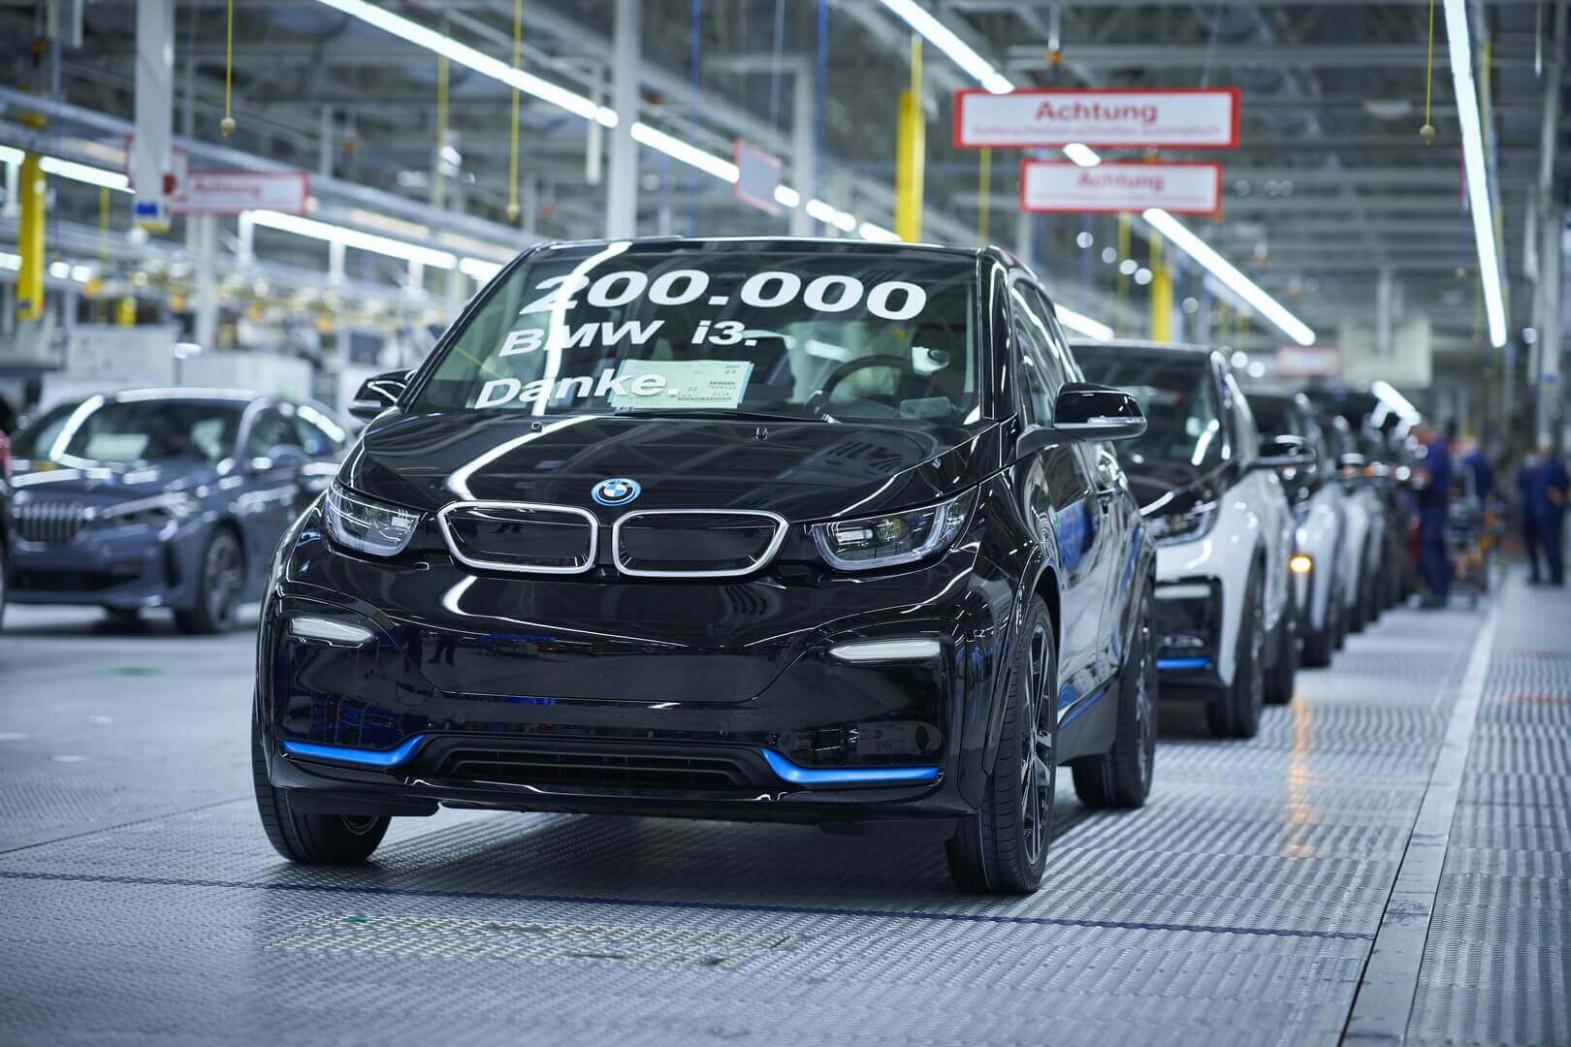 Wallpaper BMW Edrive 2022